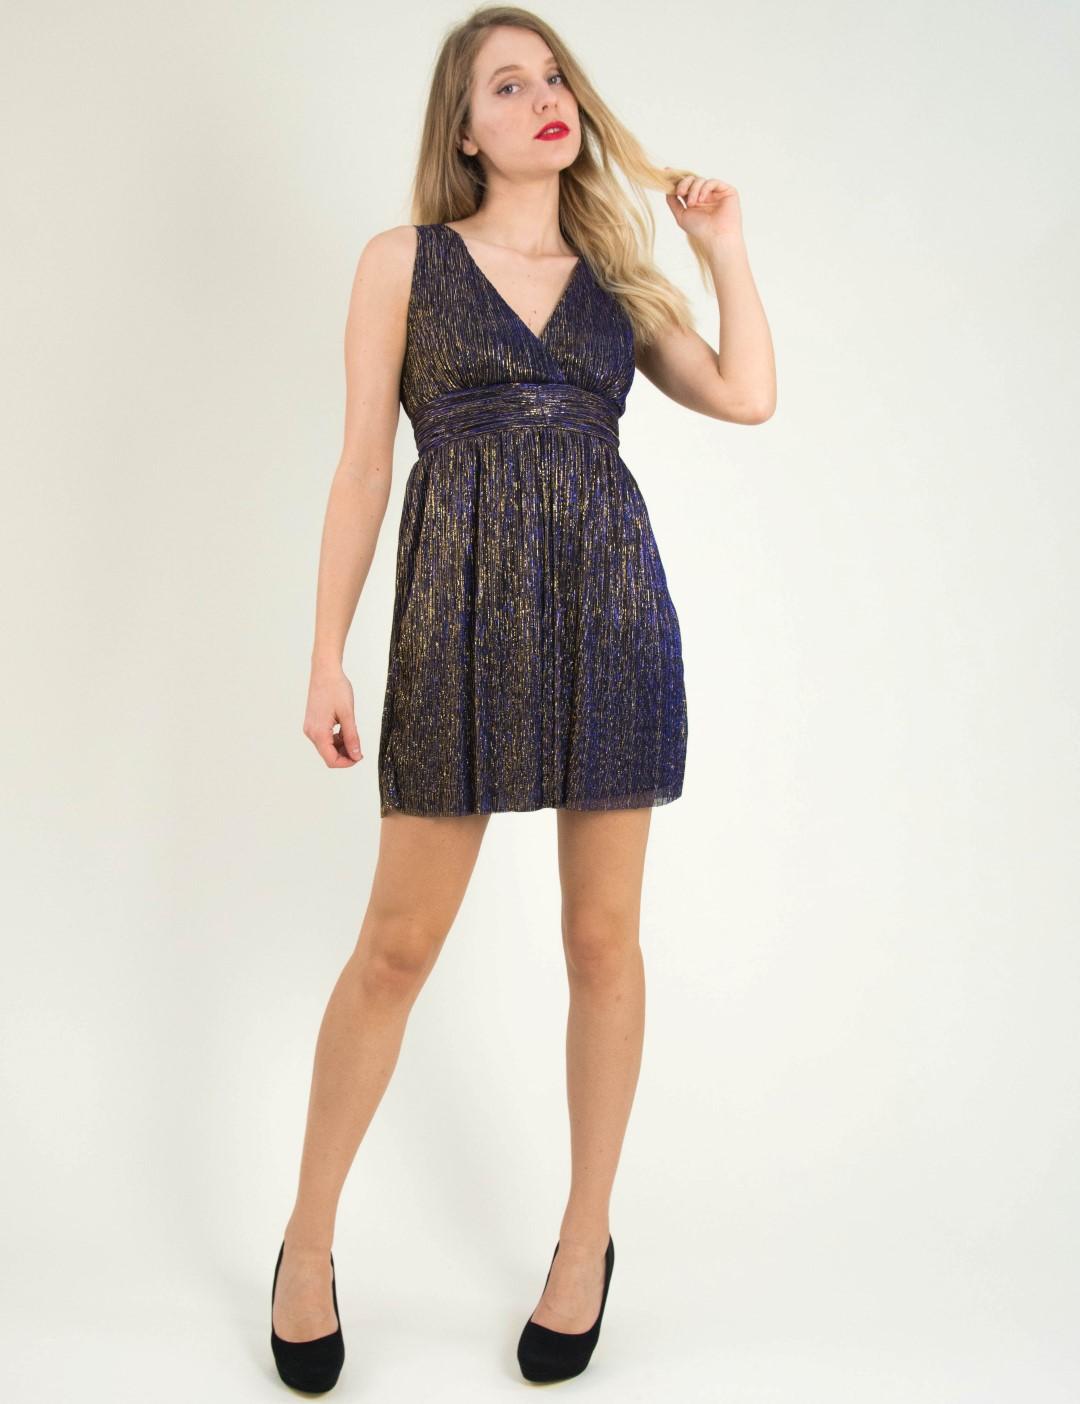 Γυναικεία μωβ φόρεμα τούλι μεταλλιζέ Cocktail 014100075L 1dc09c38758